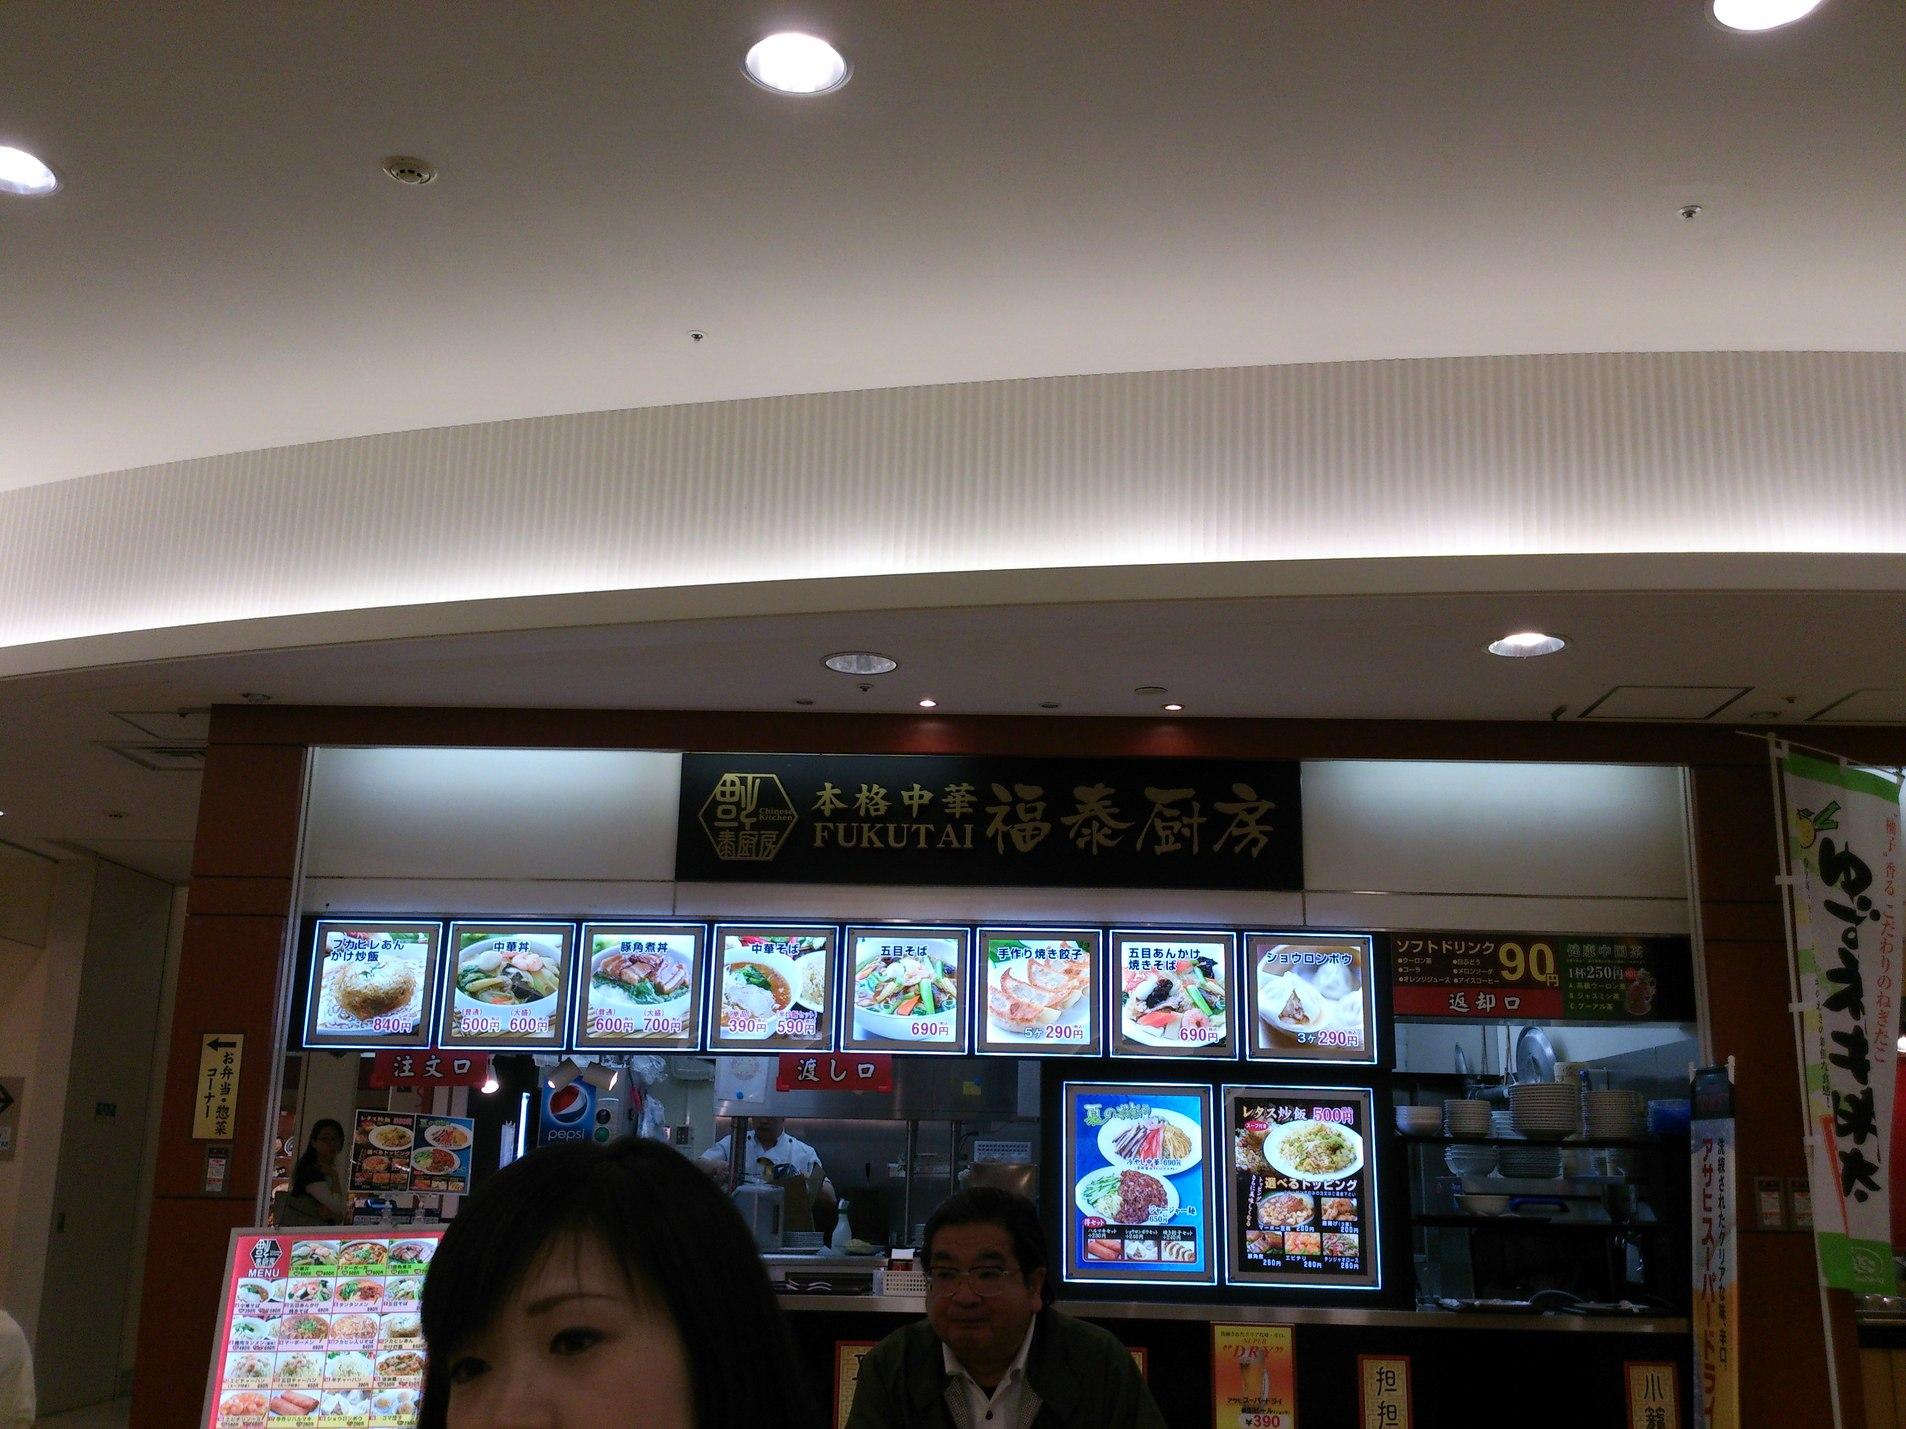 福泰厨房 カナート洛北店